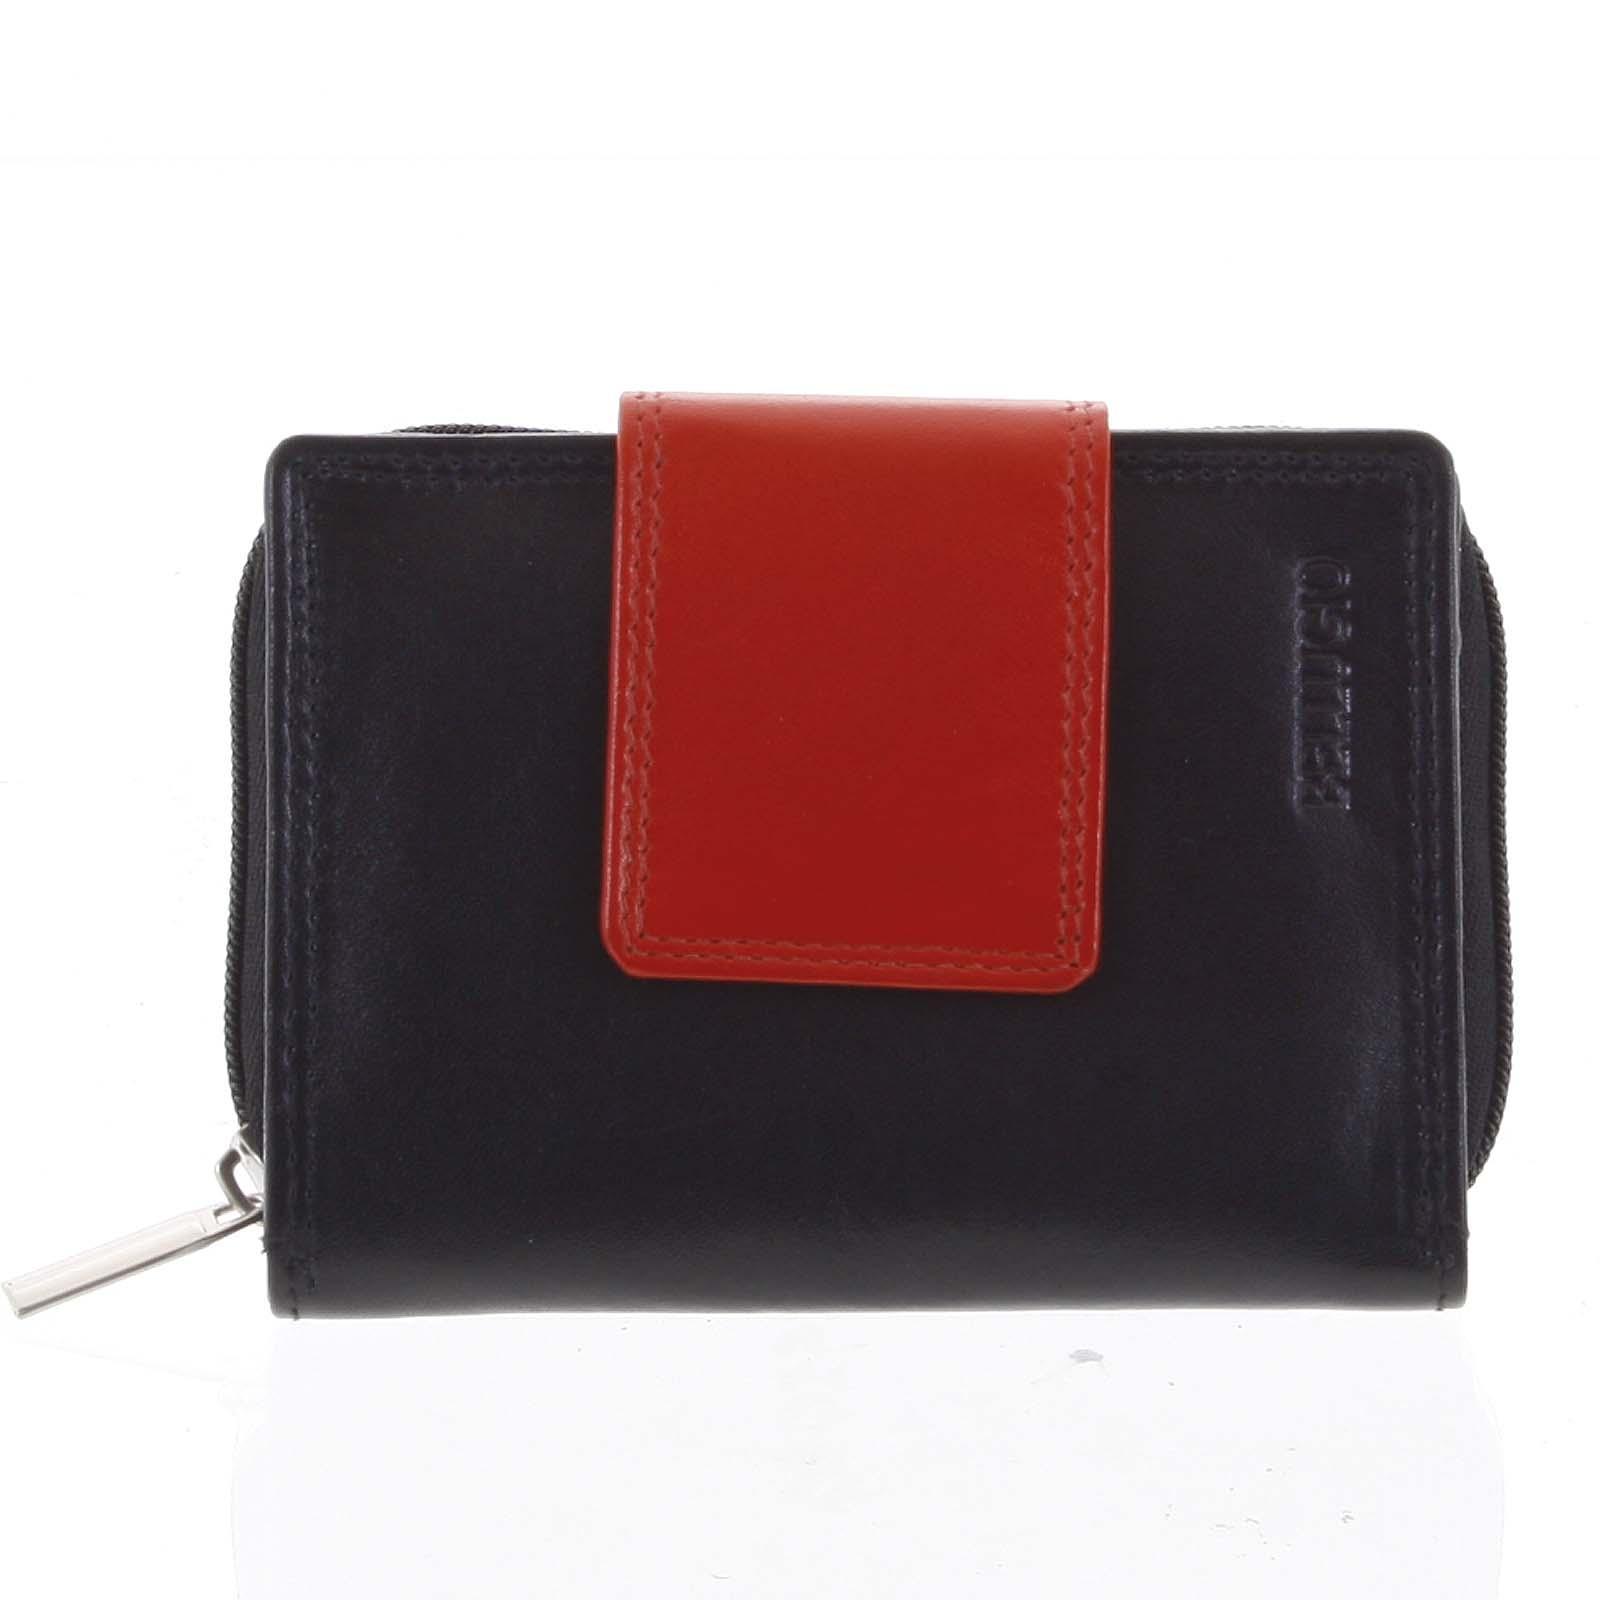 Dámská kožená peněženka černá - Bellugio Eliela